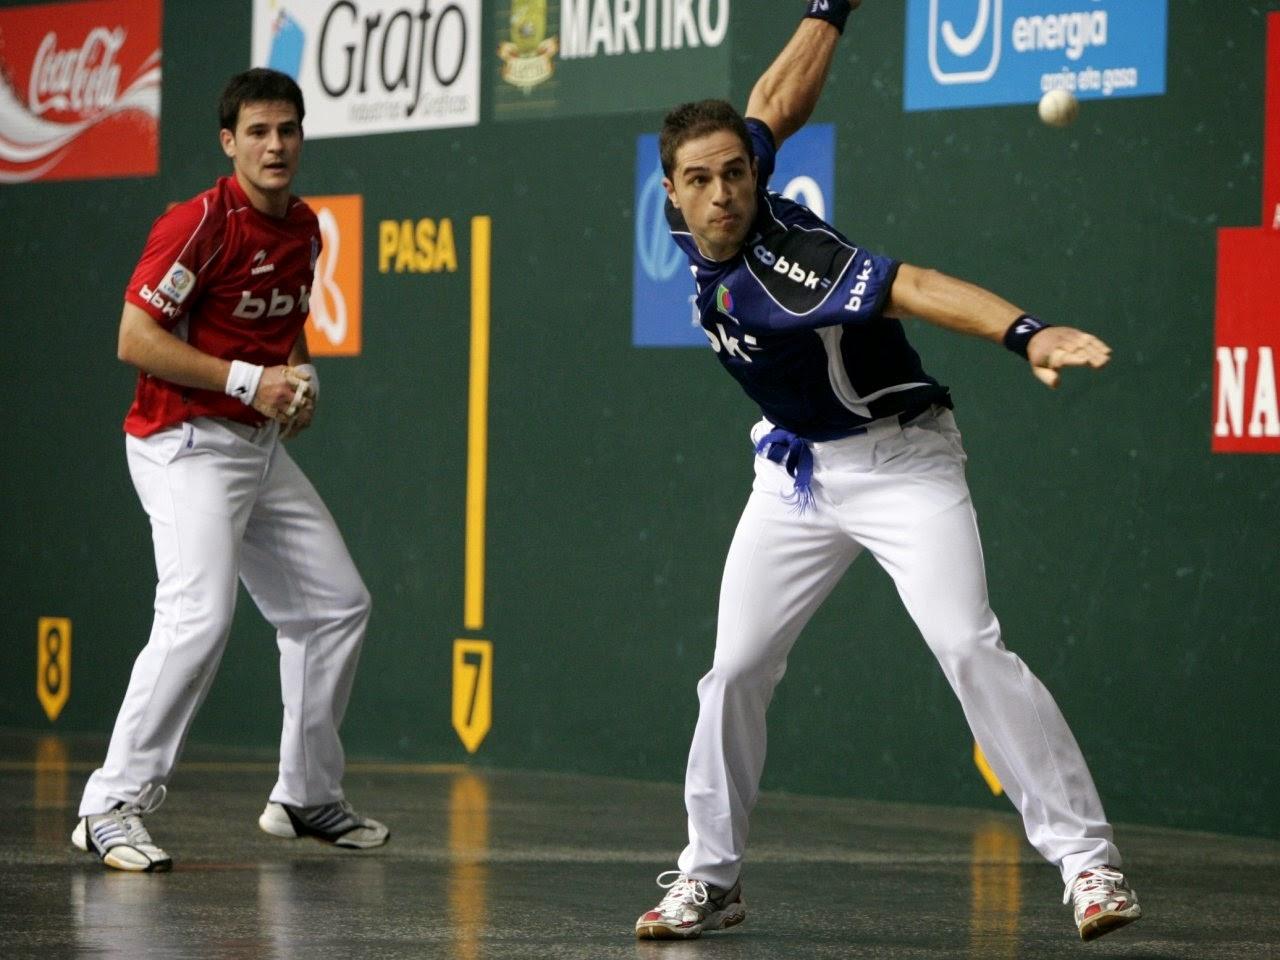 национальные виды спорта в Стране Басков